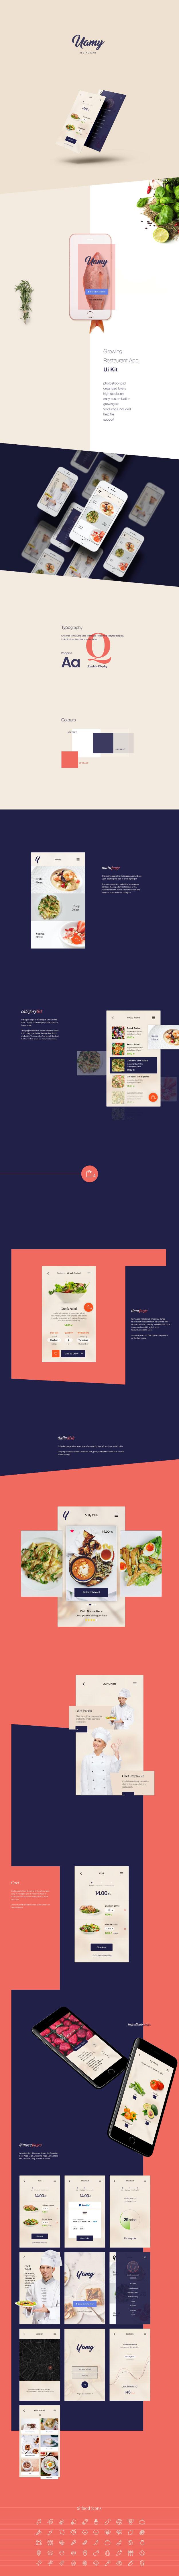 精致特别的餐饮类APP UI Kits[for iOS,PSD]